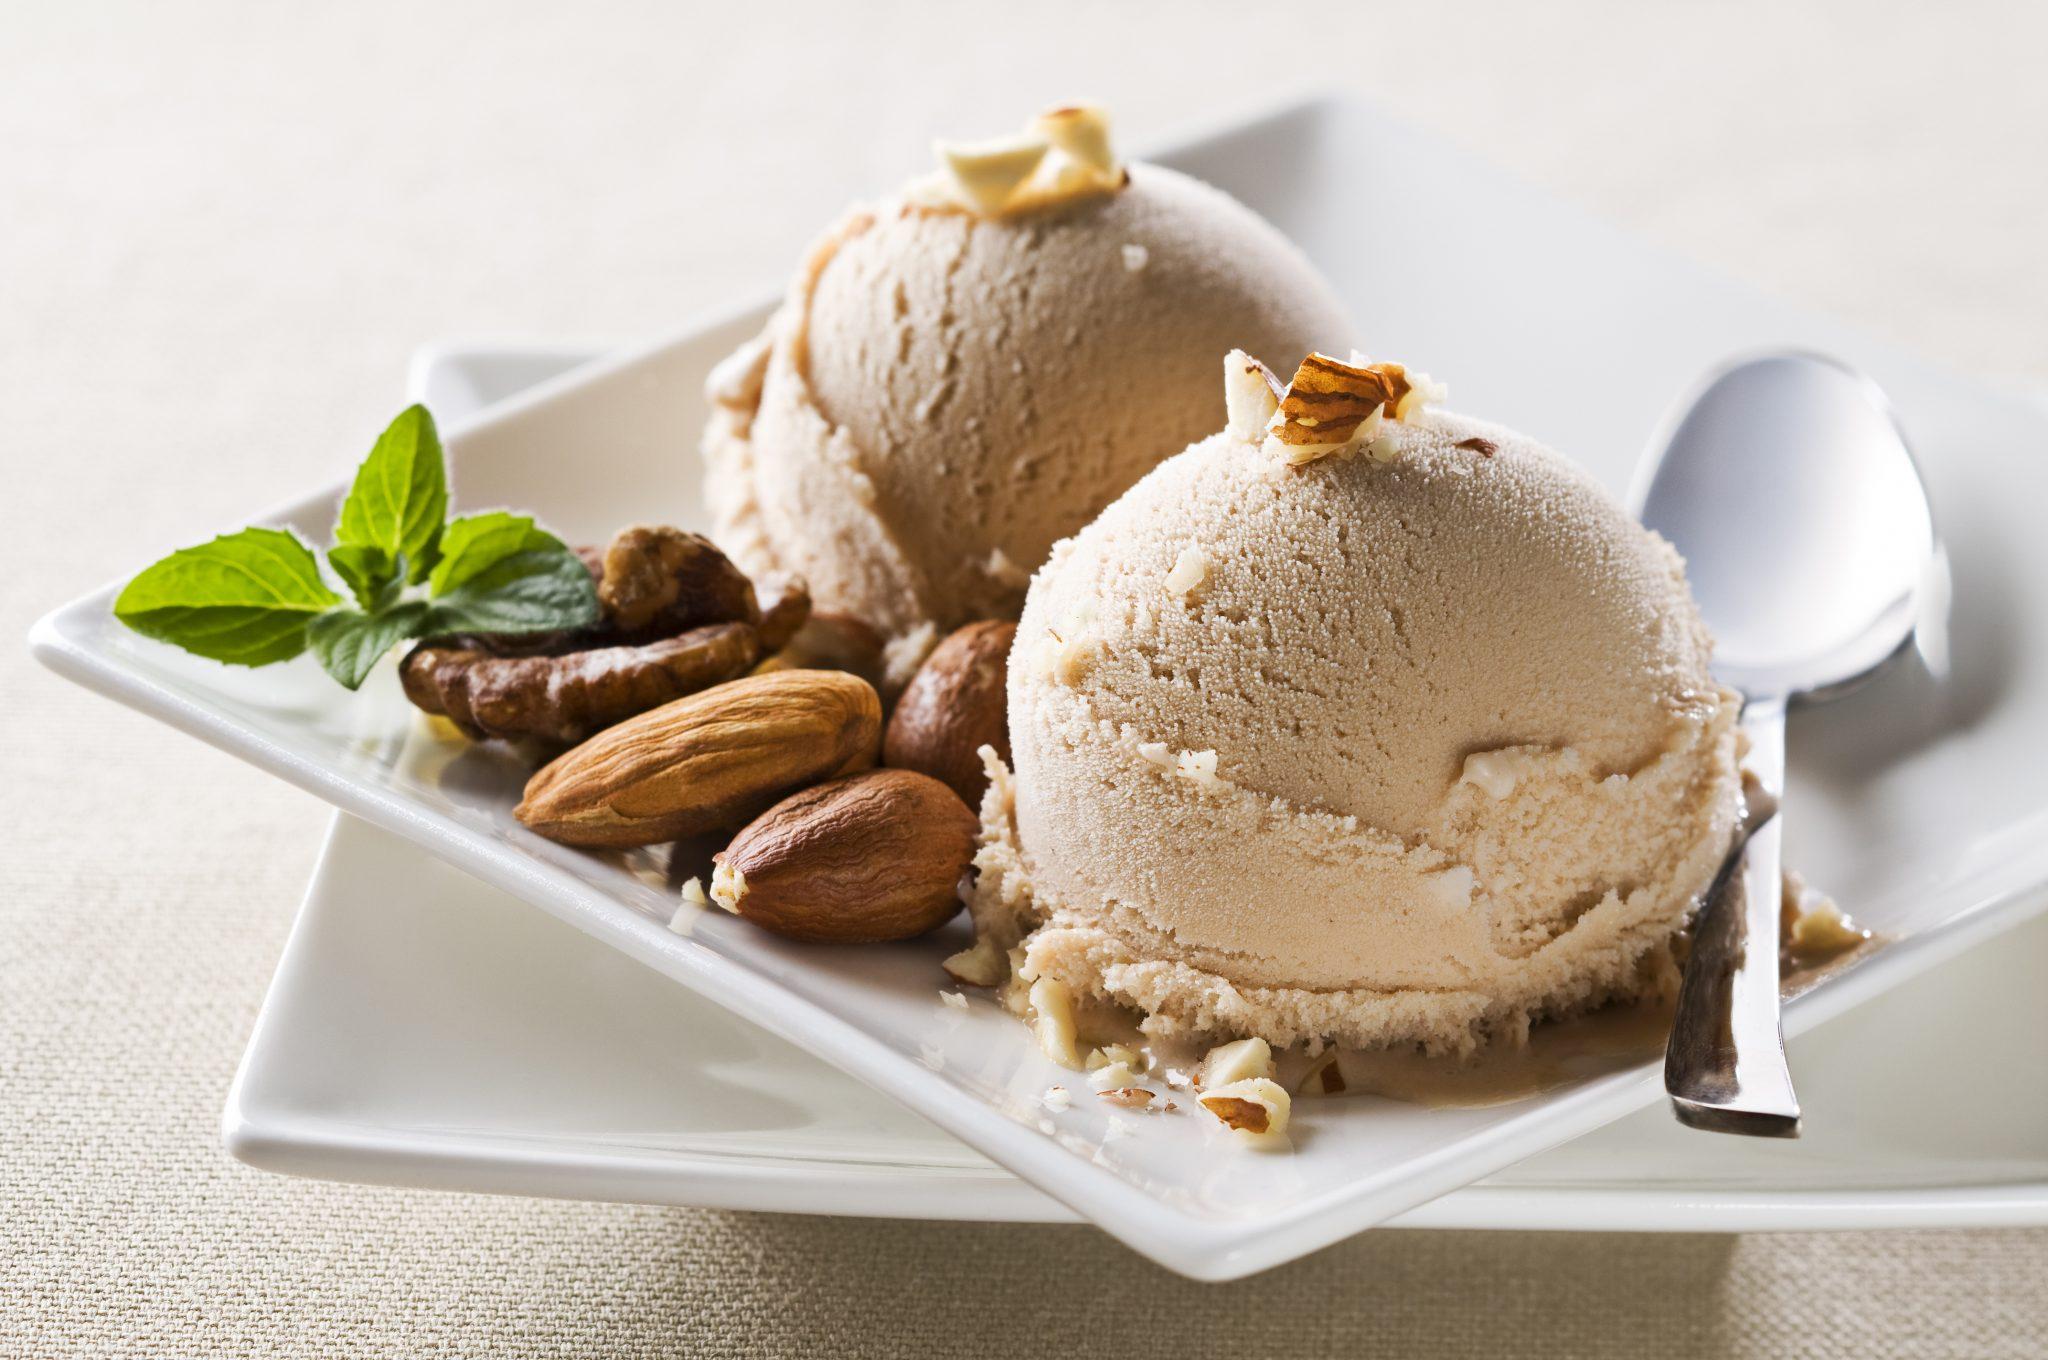 Как сделать мороженое домашнее